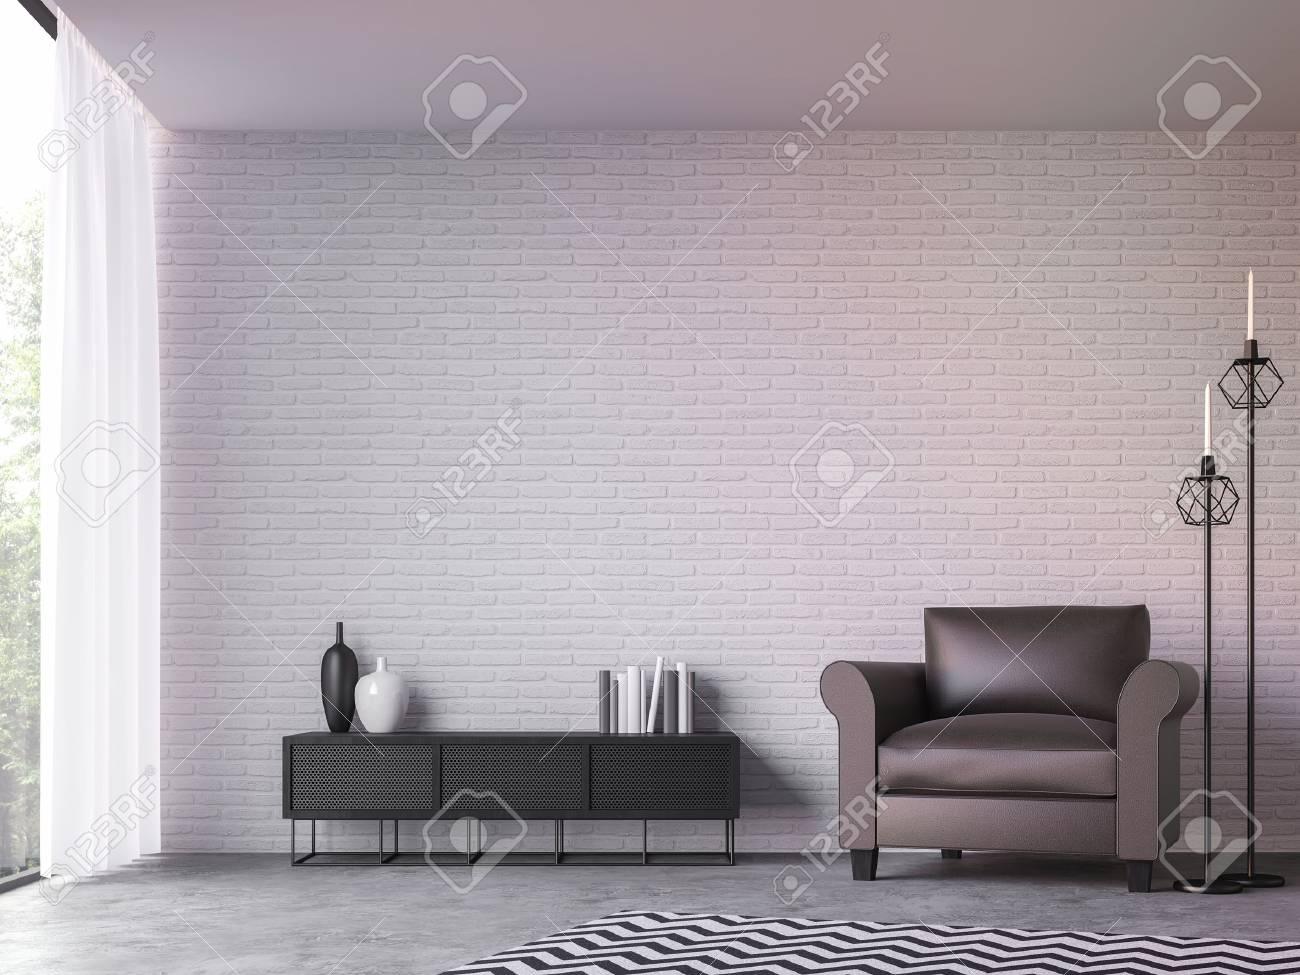 Salon moderne loft avec vue sur la nature image de rendu 3d Meublé avec des  meubles en cuir brun foncé a des murs de briques blanches et de grandes ...